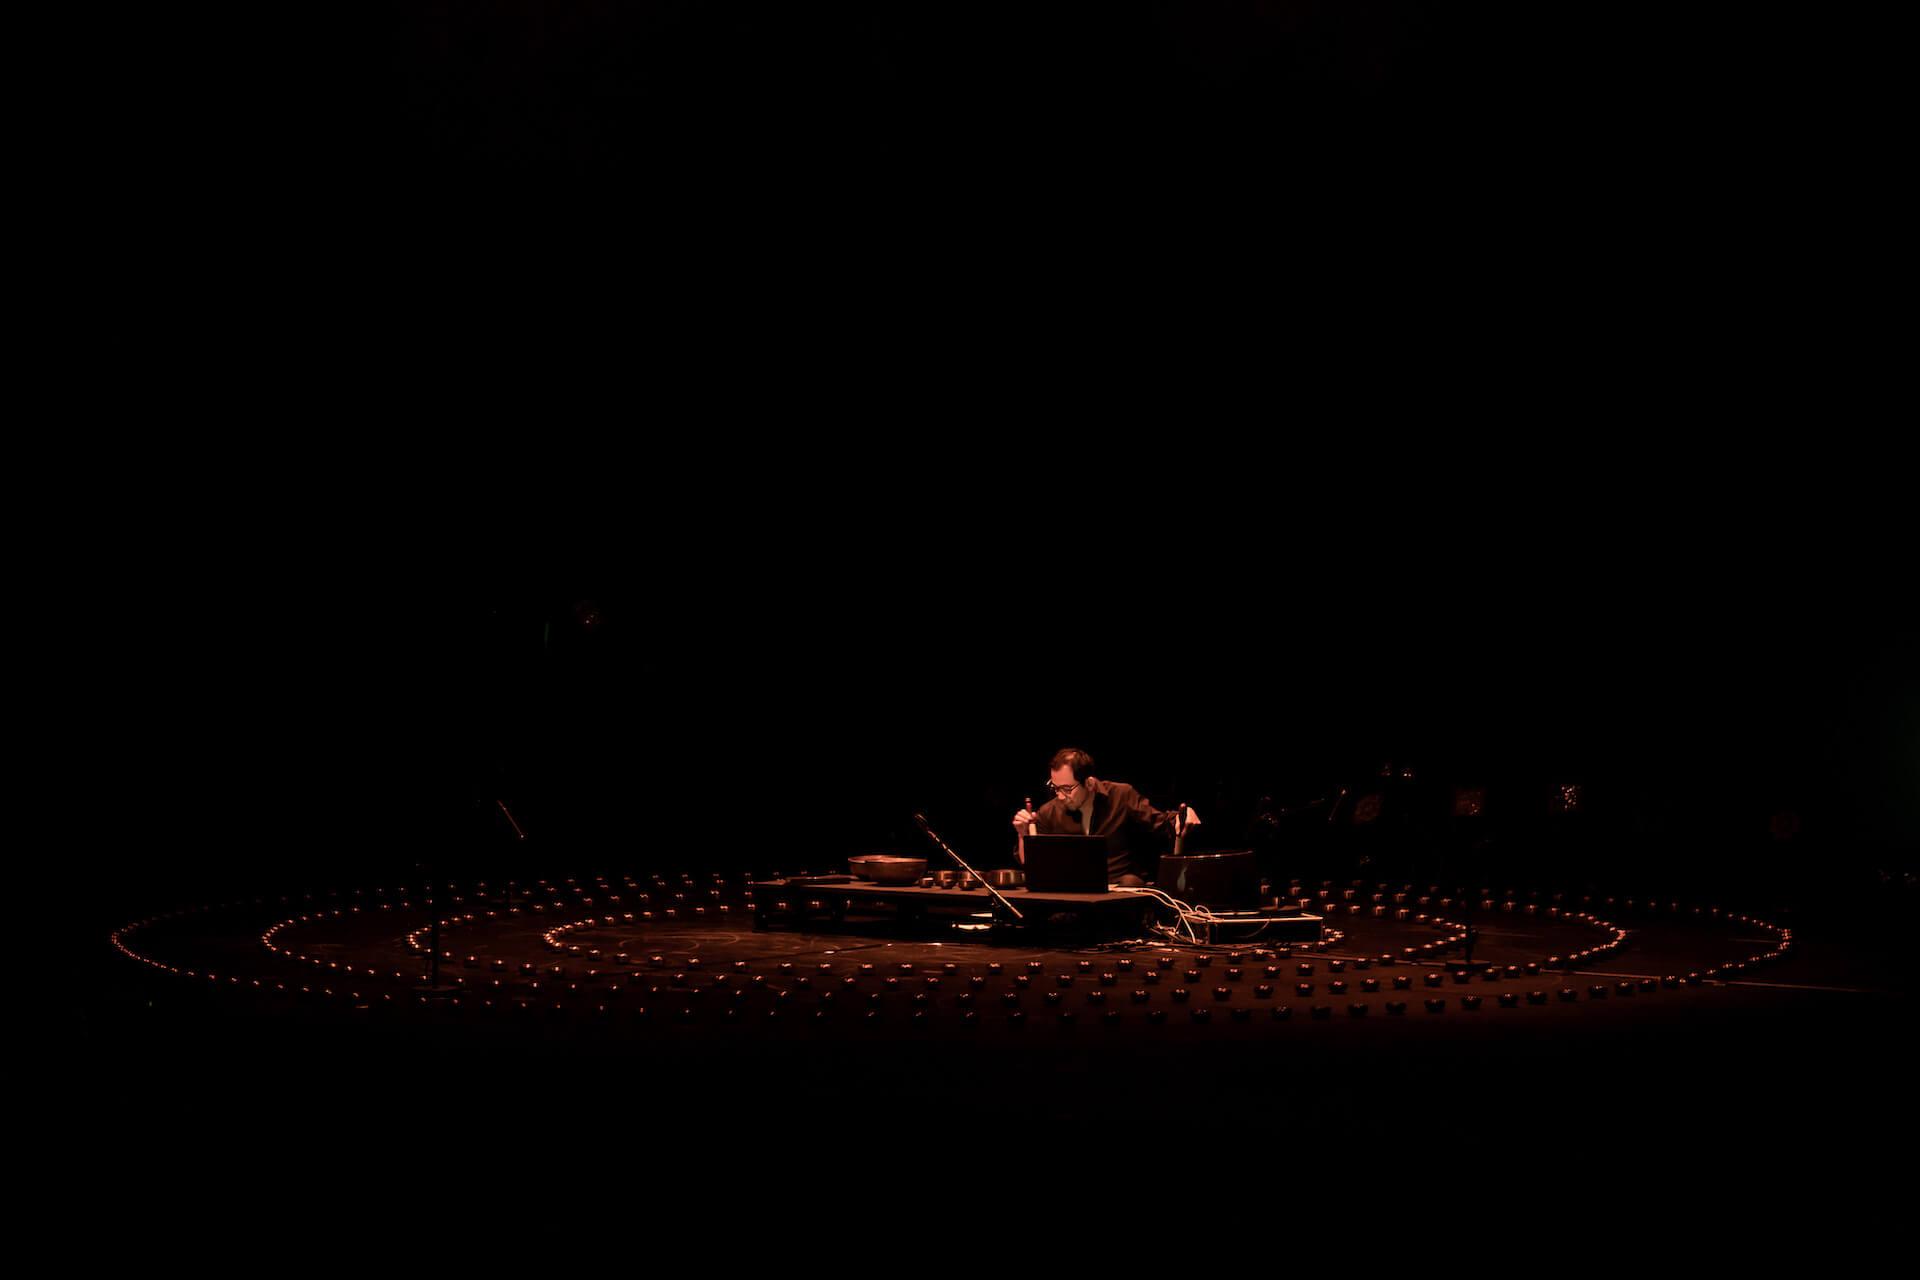 平安京のサウンドスケープを現代に生かす・活かす ── <NAQUYO-平安京の幻視宇宙->イベントレポート art210414_naquyo_2